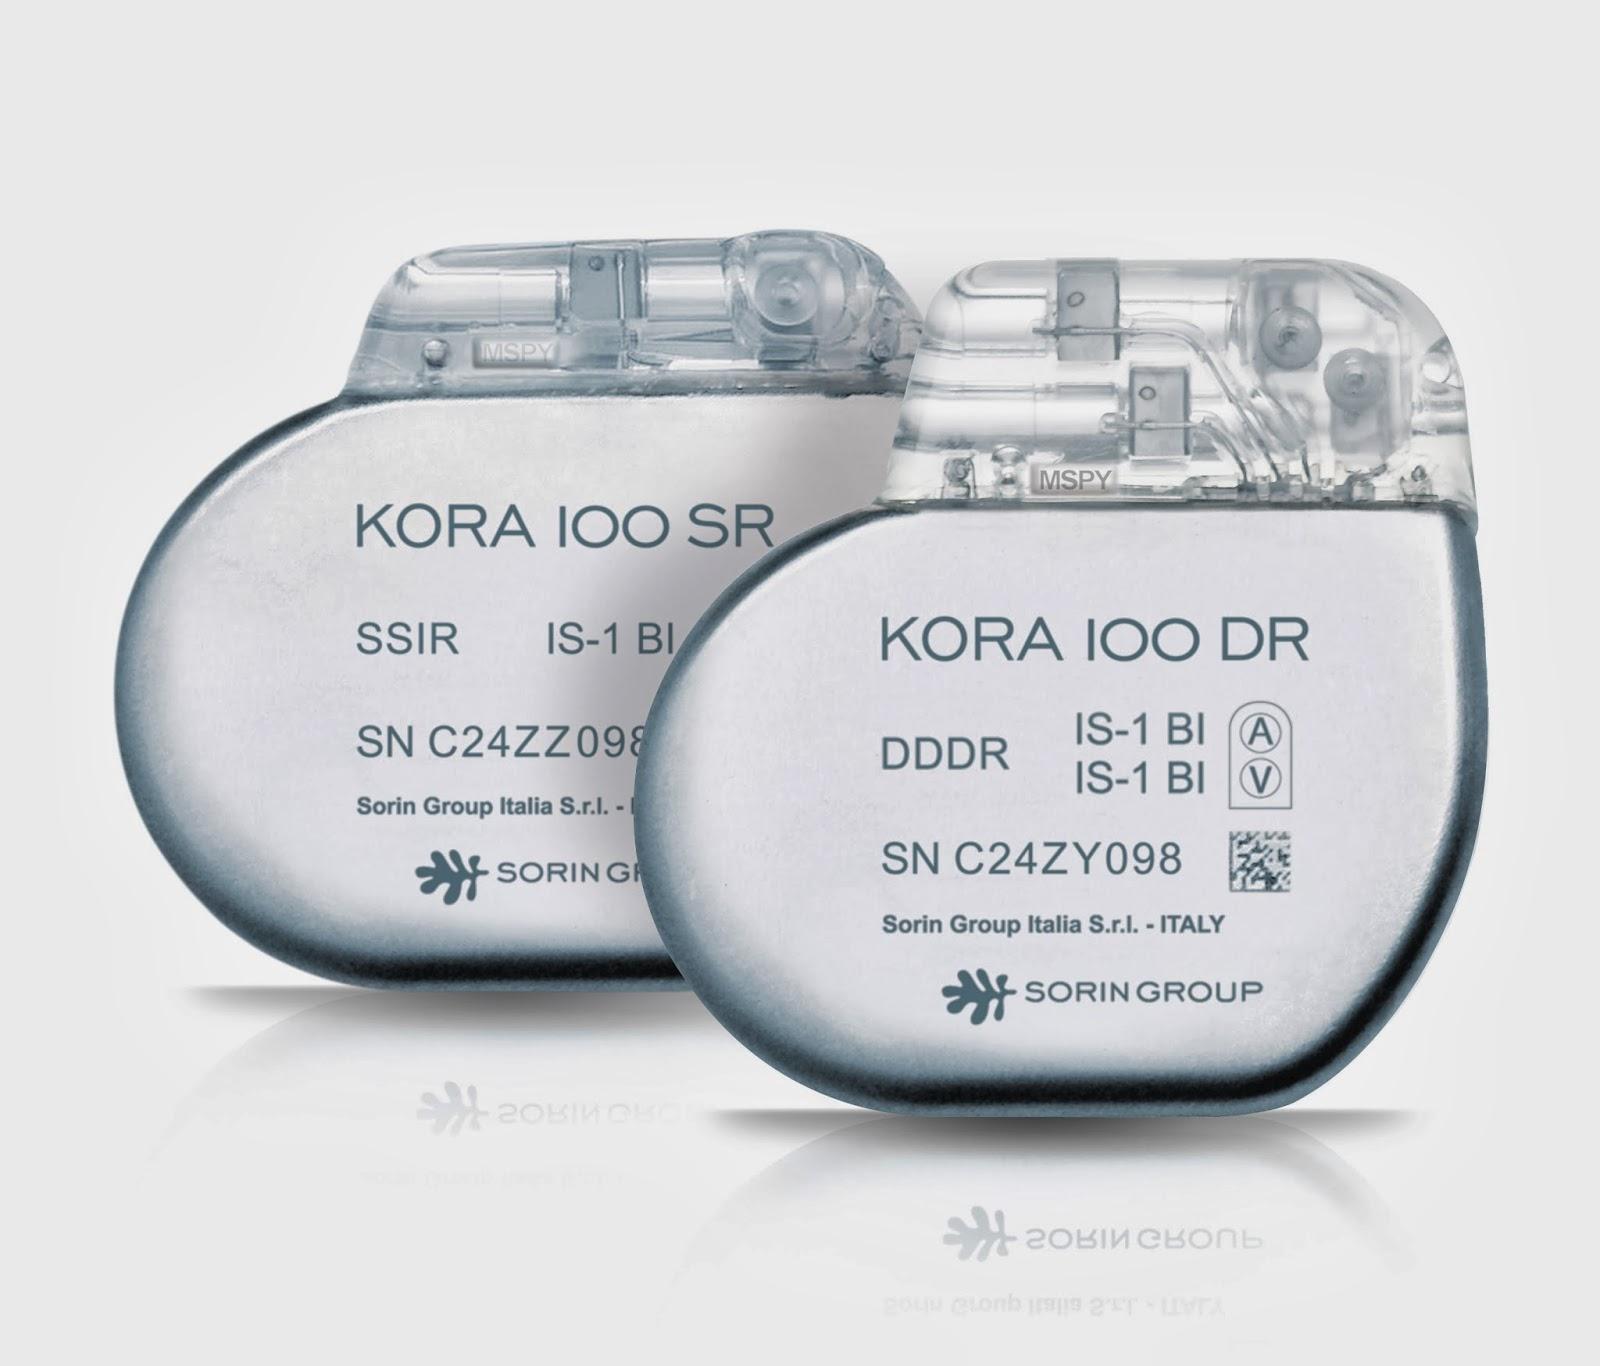 Kora 100 MRI Pacemaker